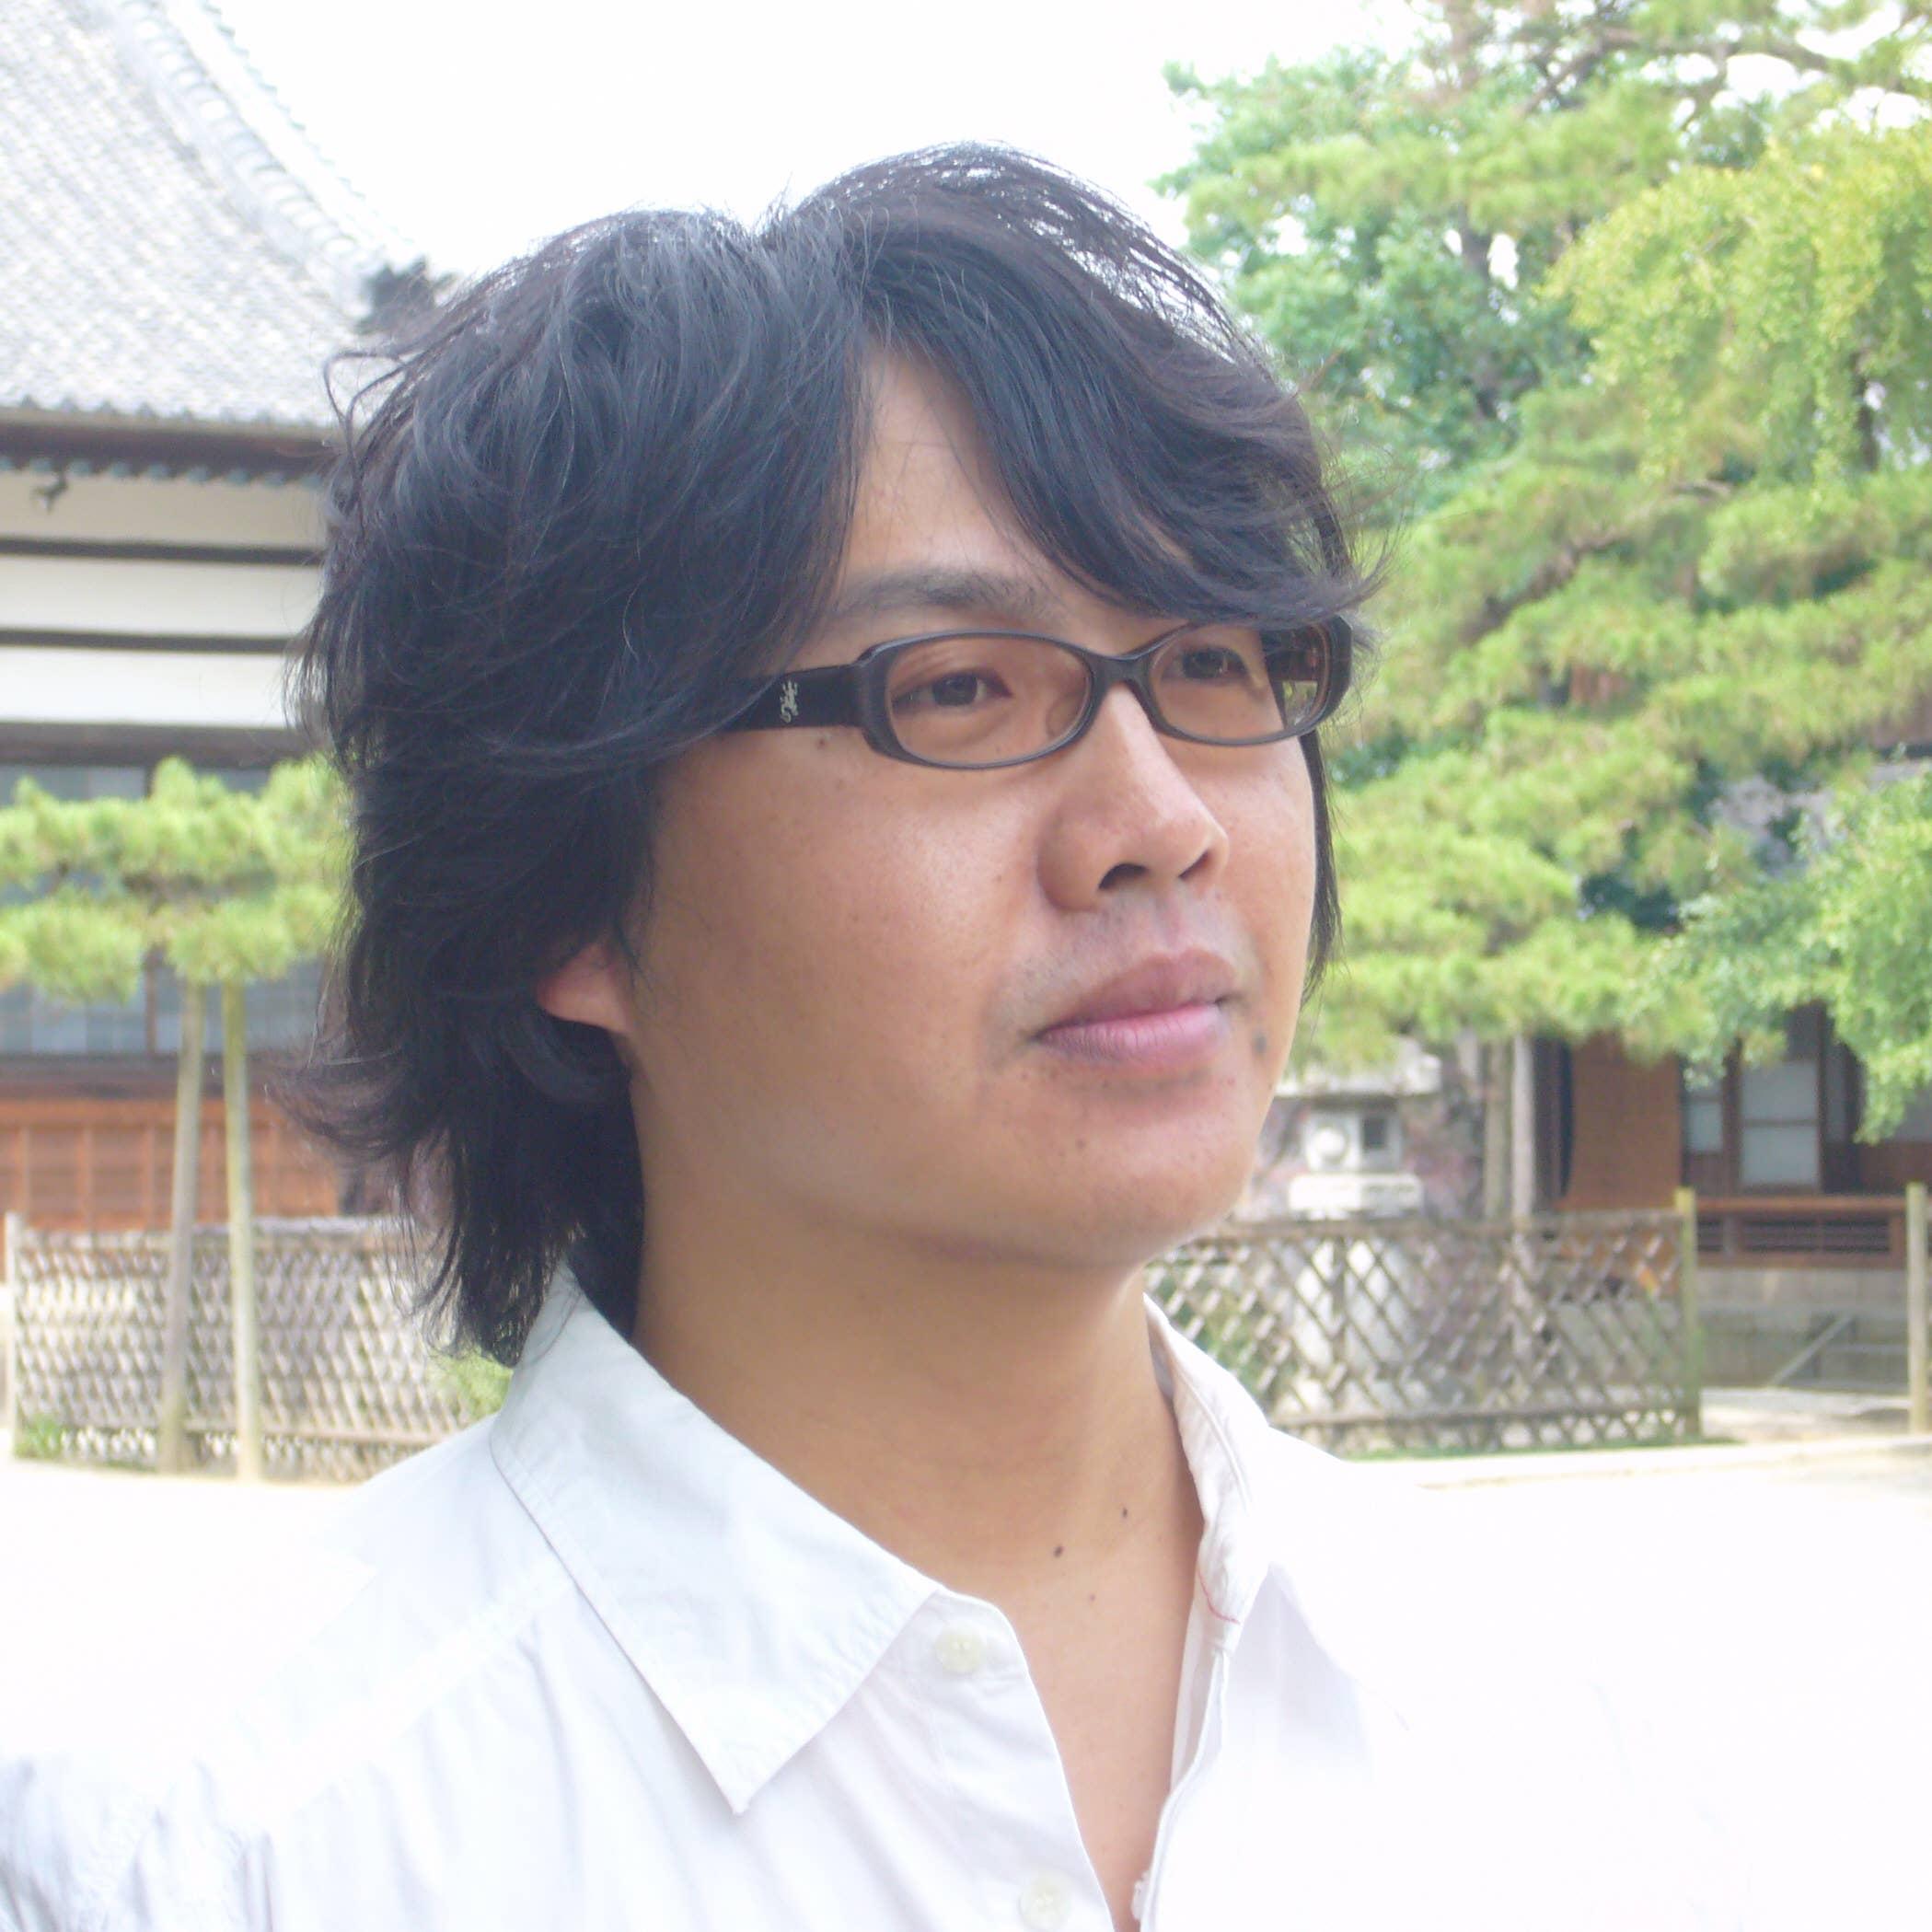 Kazutaka Sugiura